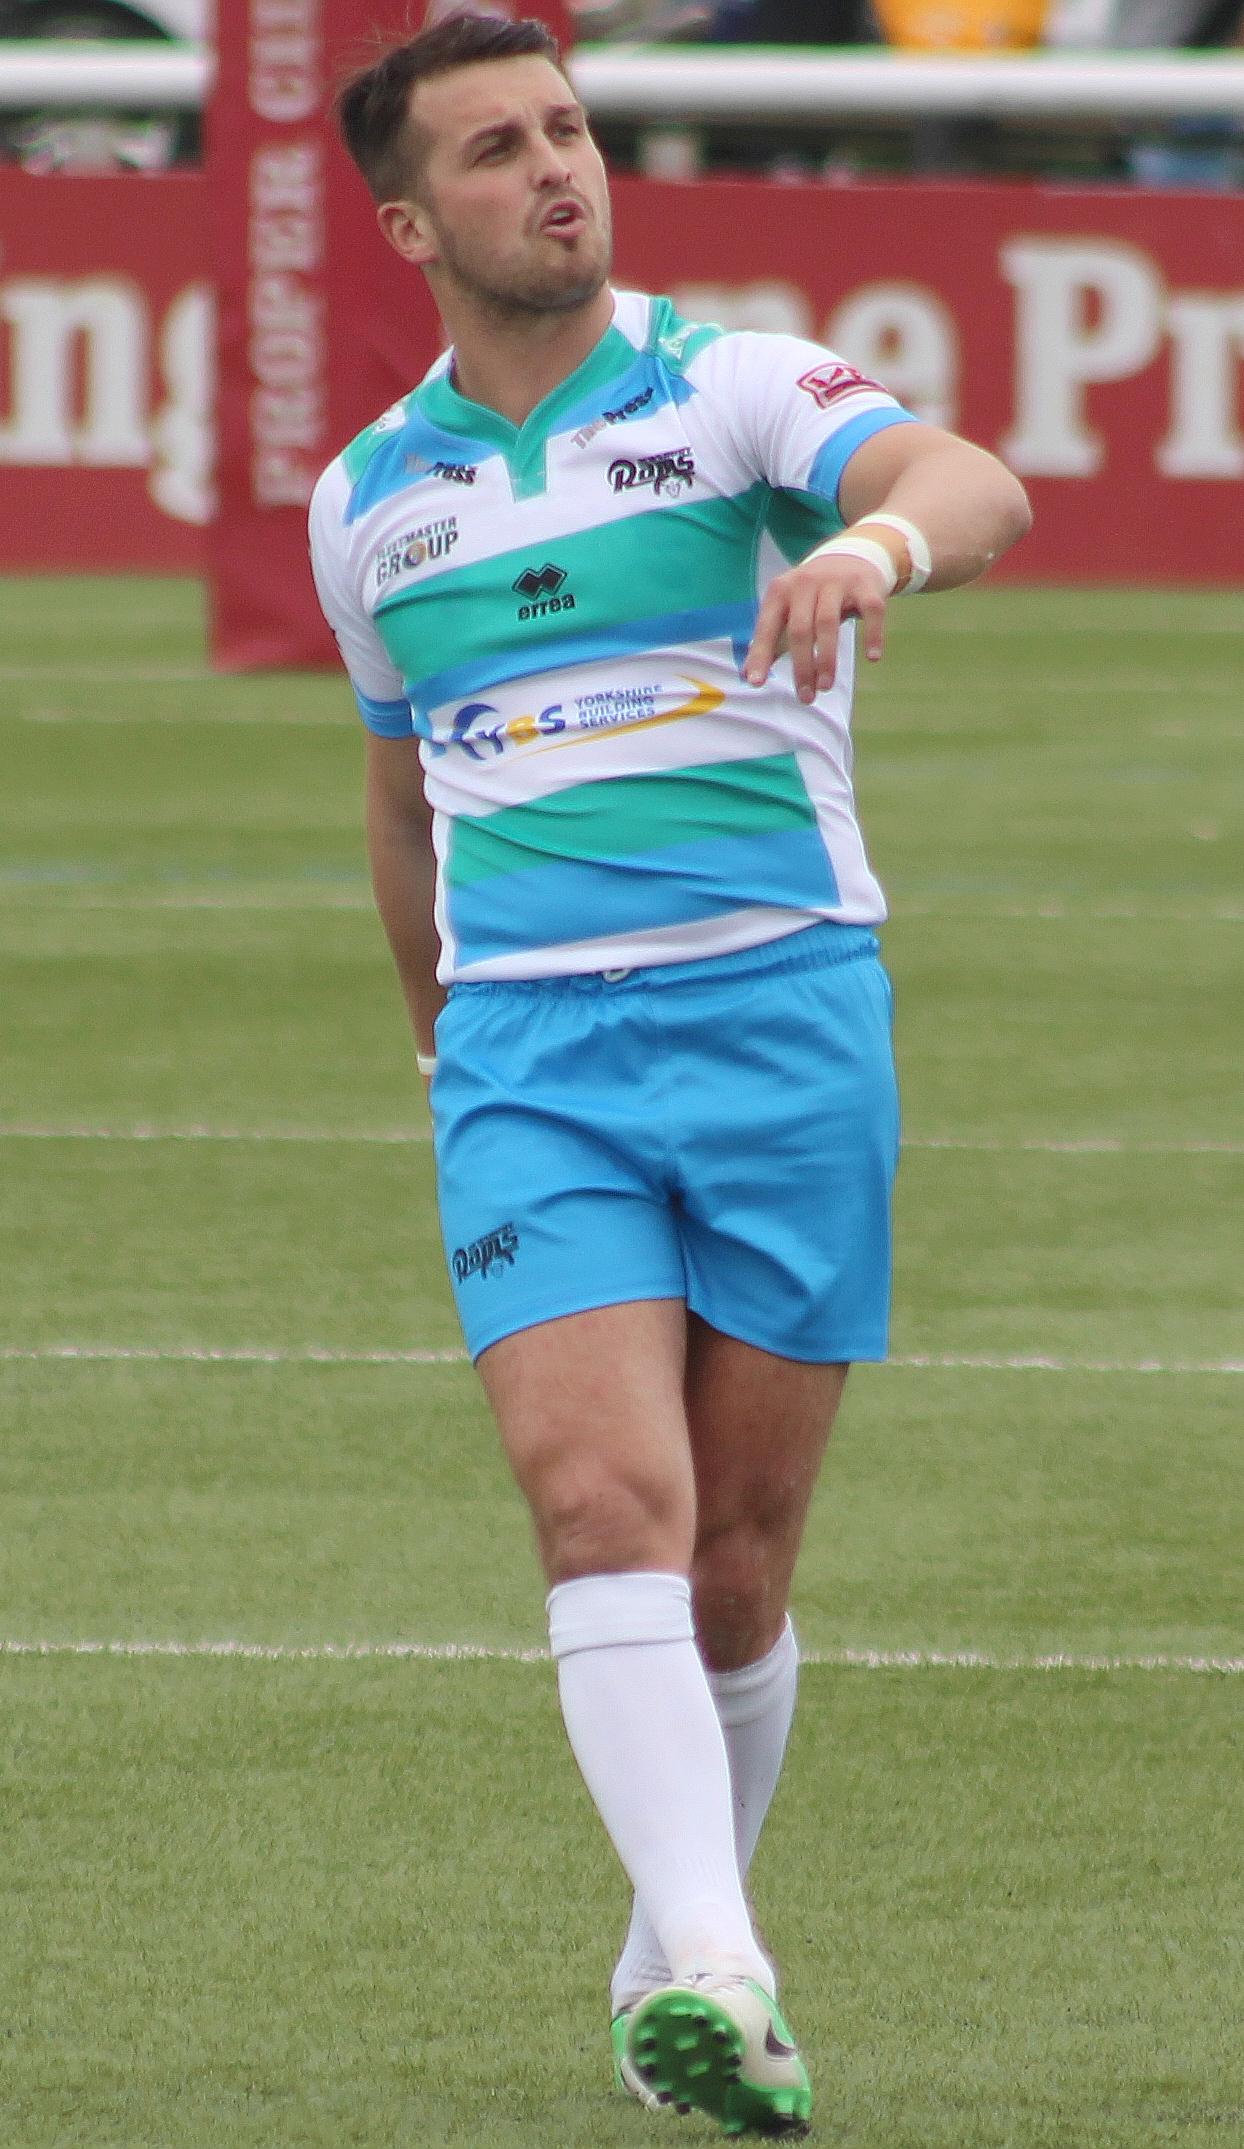 Gareth Moore